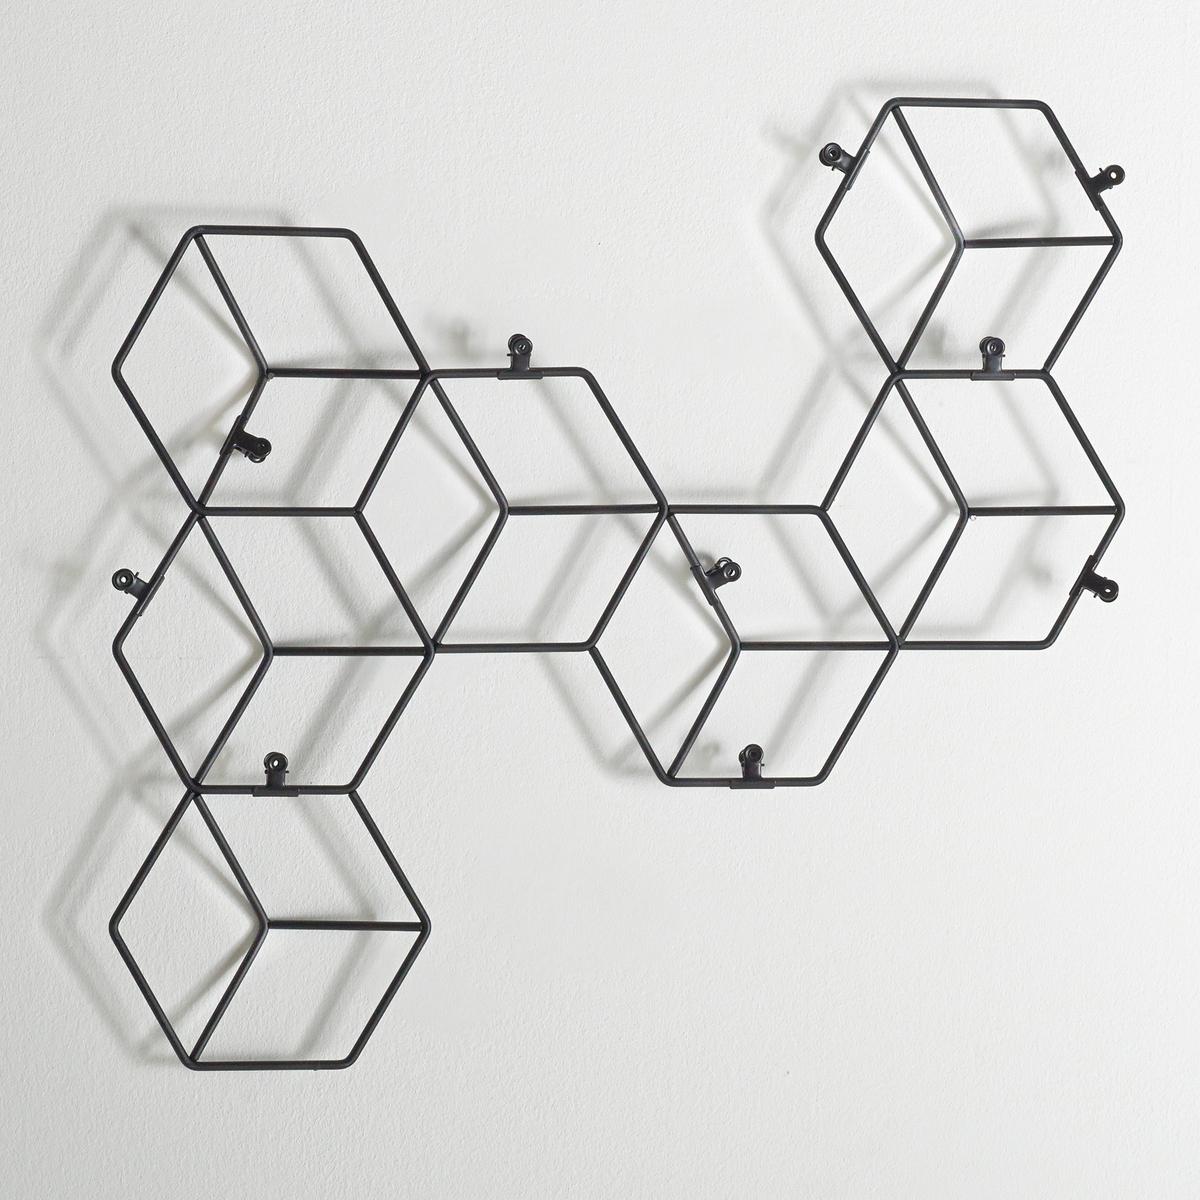 Держатель, Ranza.Декоративный и практичный держатель Ranza можно разместить практически в любой комнате: в прихожей, кухне, гостиной. Крючки-зажимы также очень практичны! Характеристики держателя Ranza : Из металла с чёрным эпоксидным покрытием.10  крючков-зажимов чёрного цвета.Размеры держателя: Д82 x В52,5 x Г3,2 см.<br><br>Цвет: черный